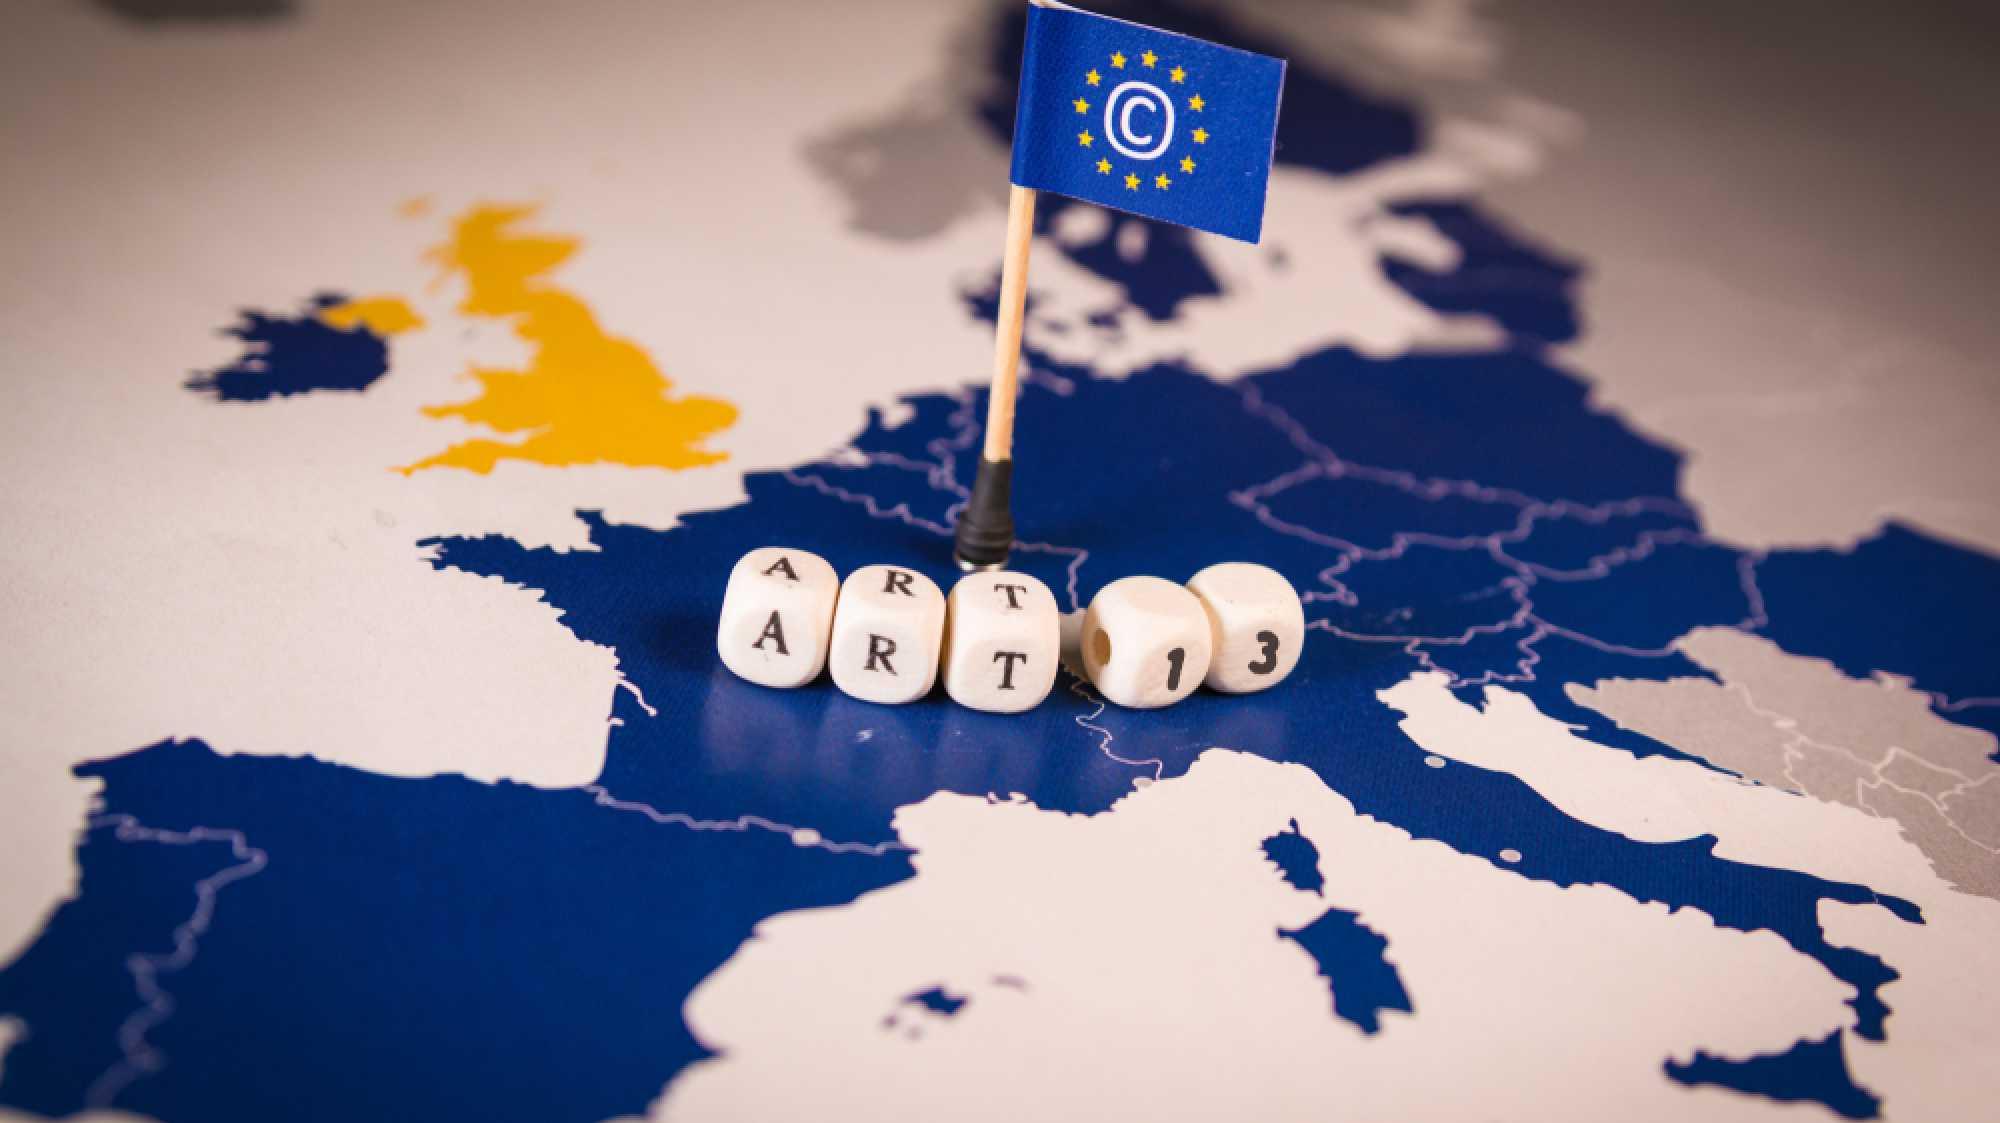 Urheberrechtsreform der EU: Das Drama um Artikel 13